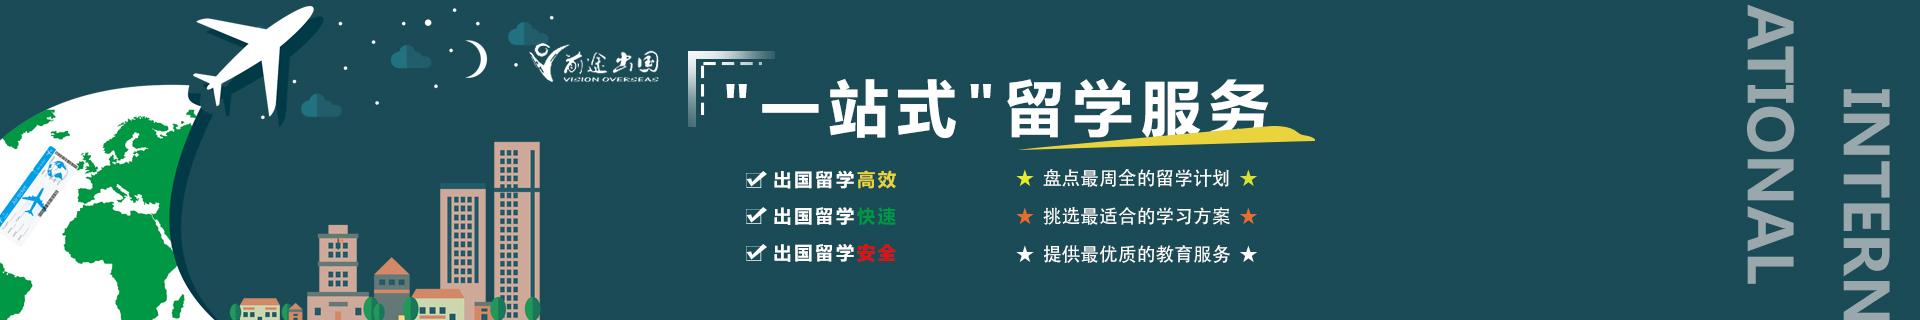 深圳福田欧亚中心新东方前途出国培训机构